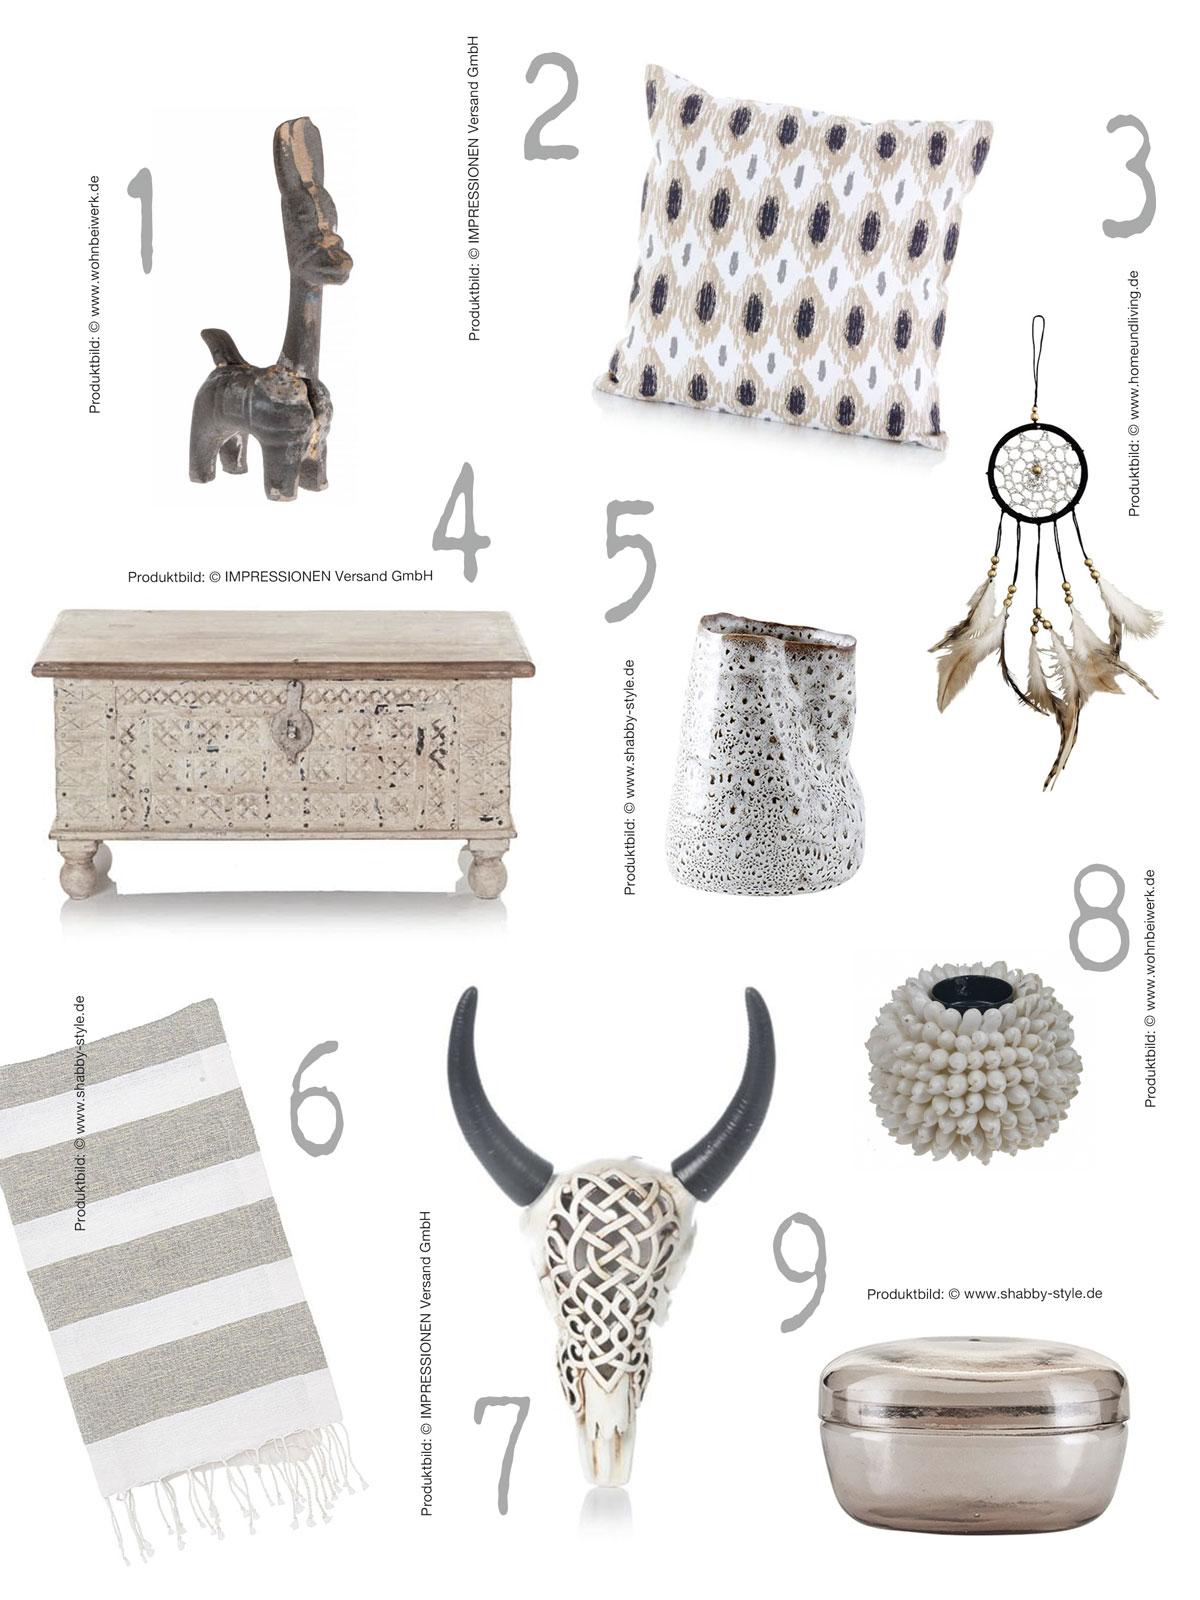 mxliving seite 21 blog diy wohnen viele ideen zum selbermachen shopping und. Black Bedroom Furniture Sets. Home Design Ideas